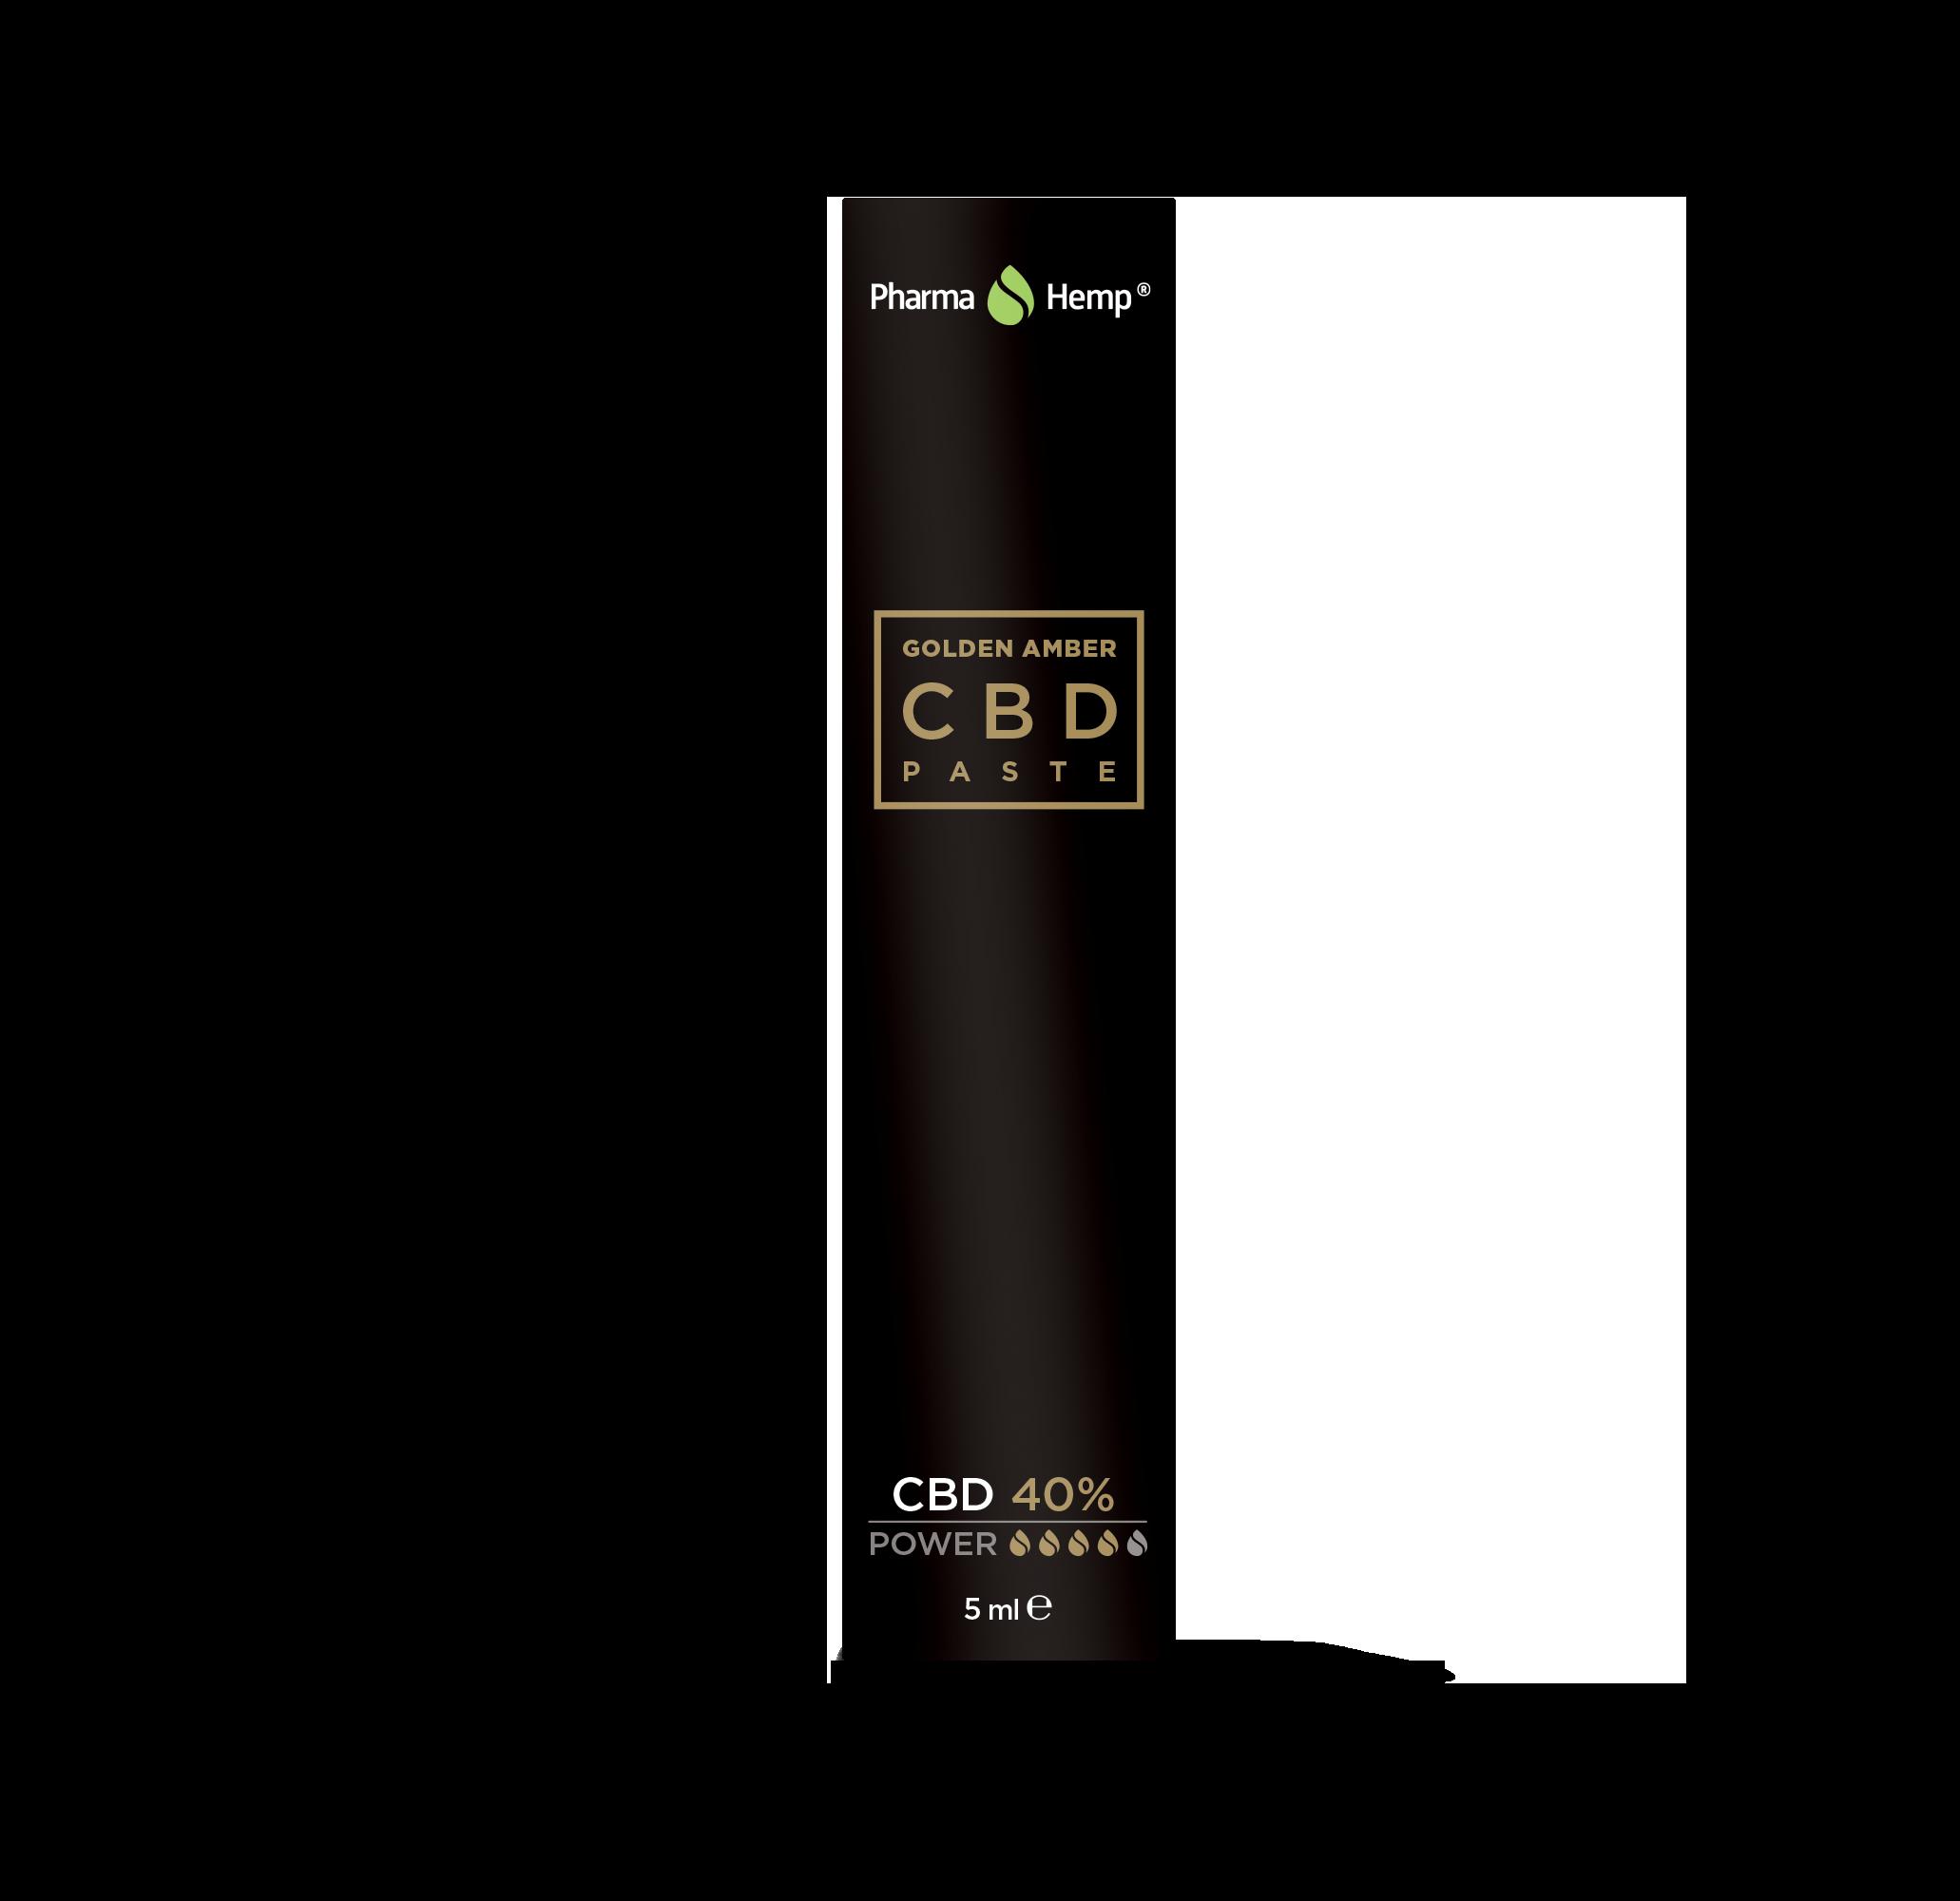 CBD GOLDEN AMBER PASTE 5ml - 40%